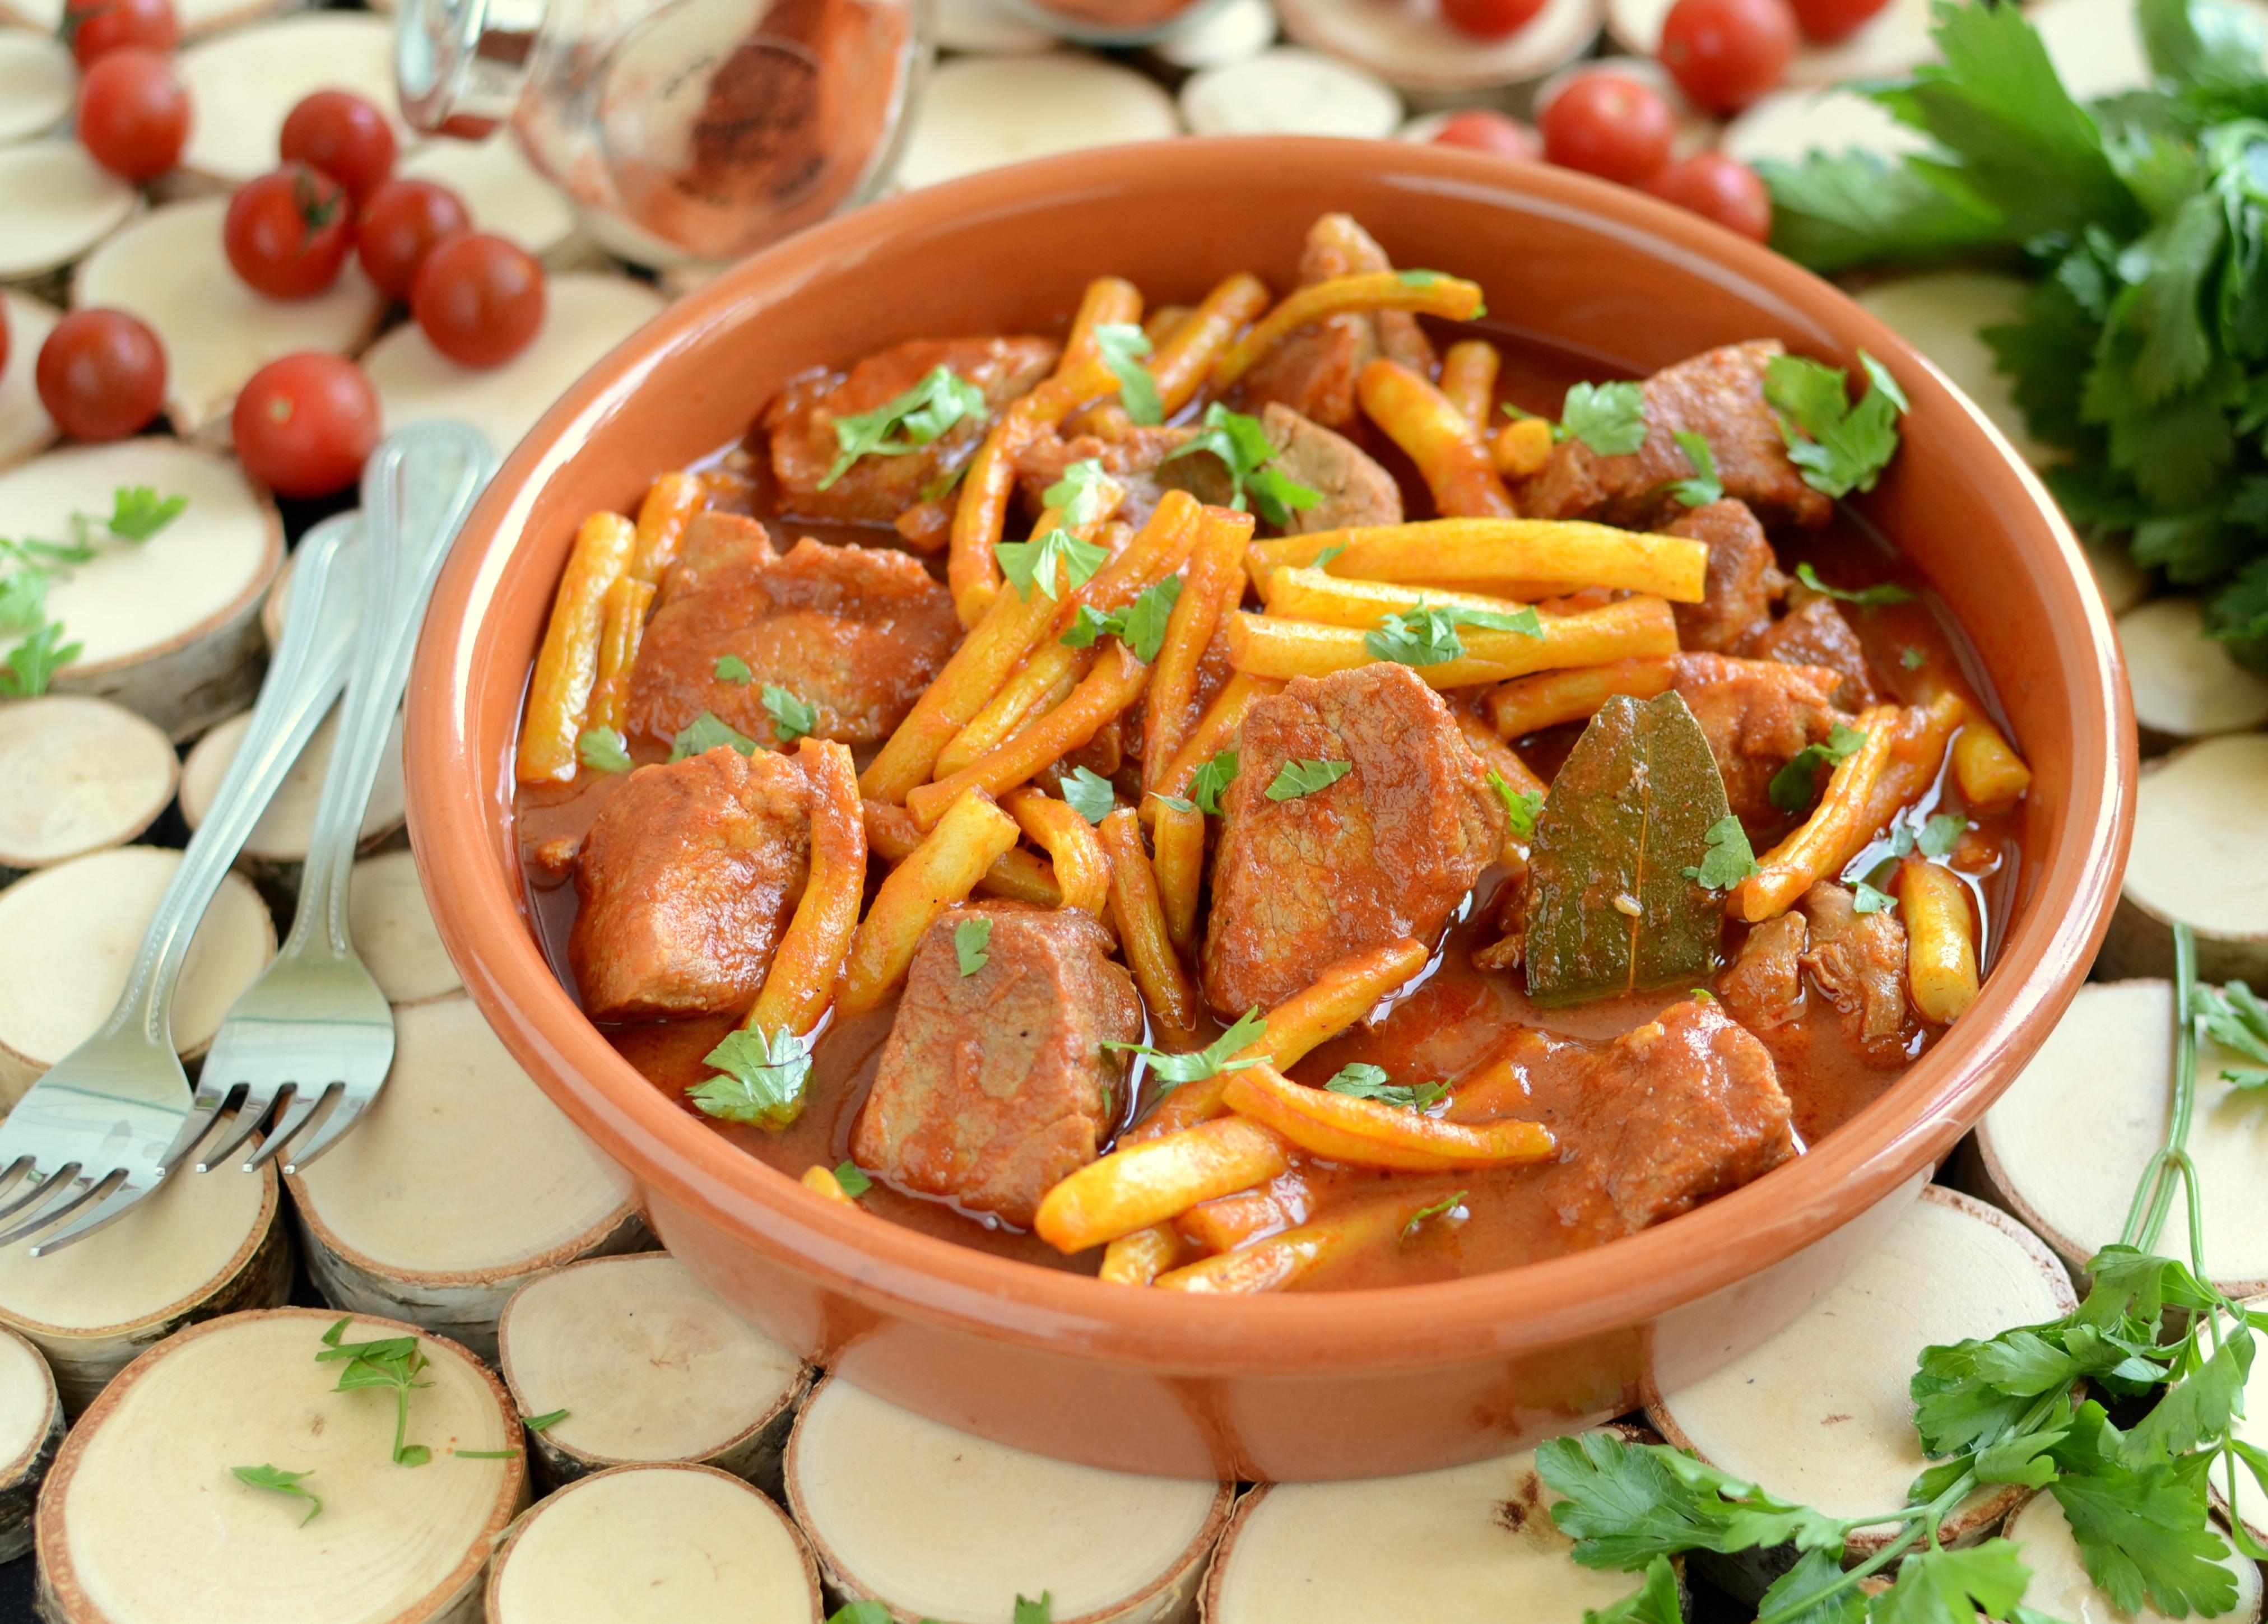 Fasolka szparagowa z mięsem gulaszowym po węgiersku